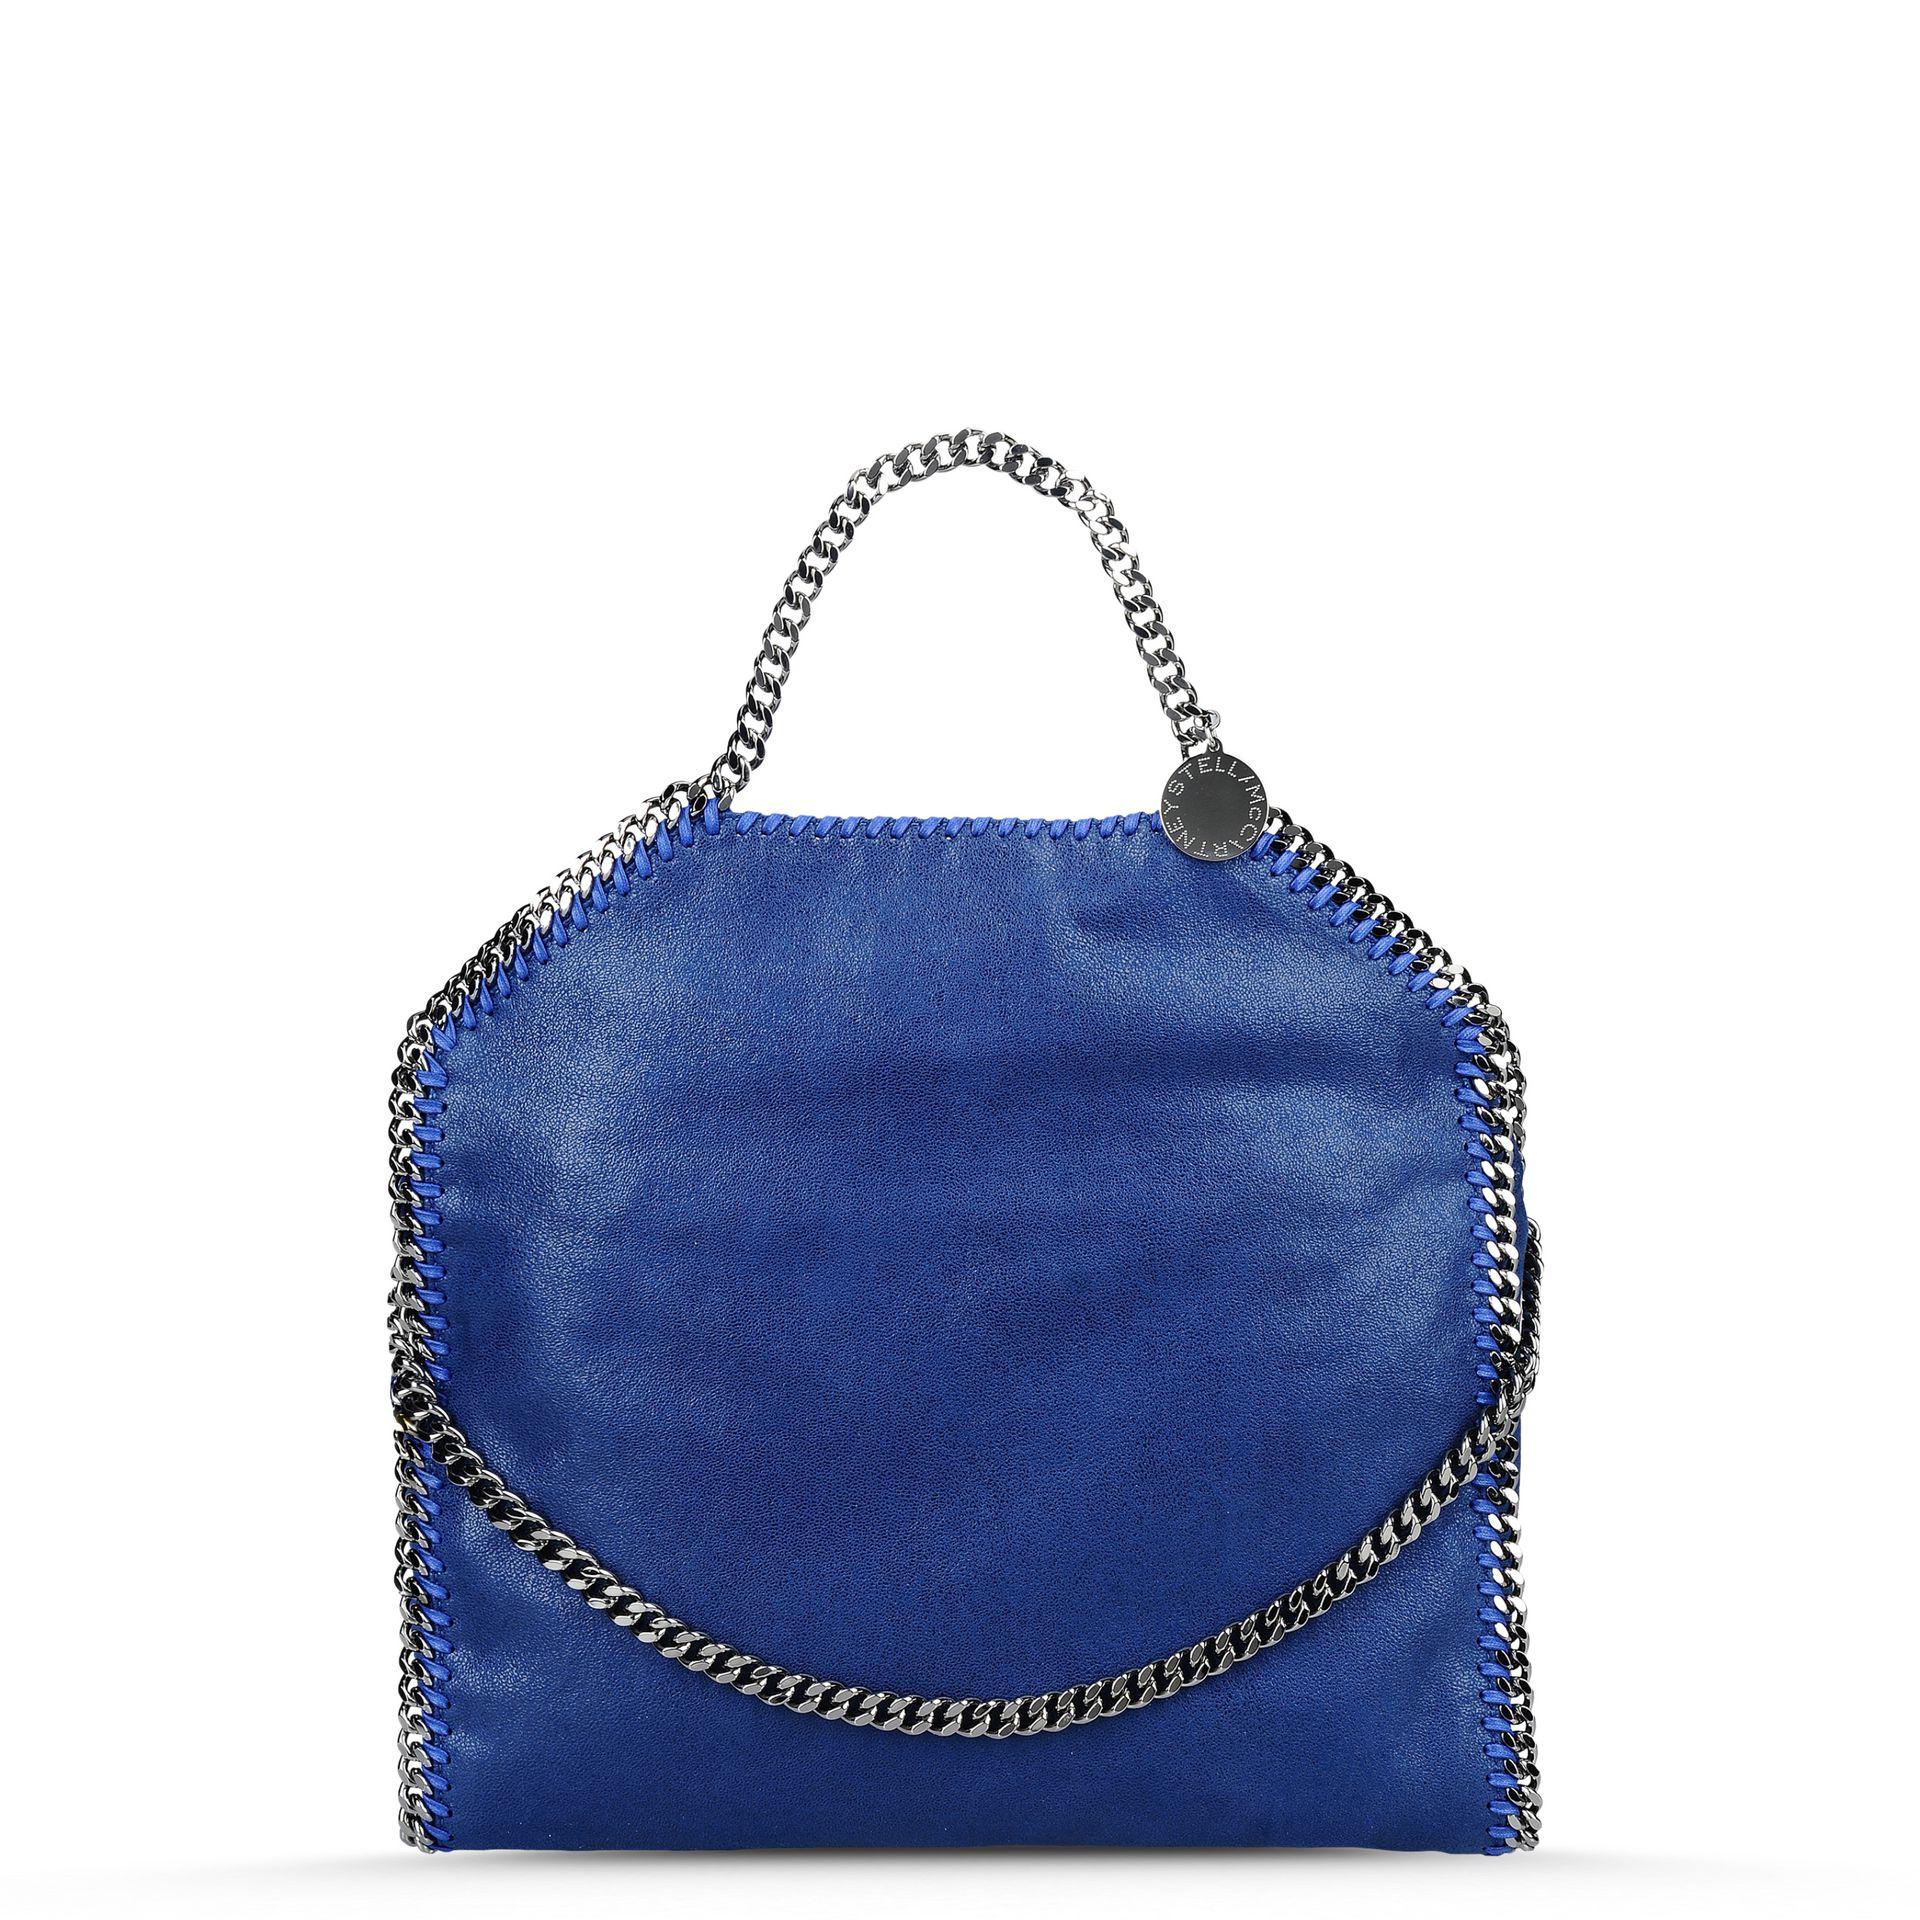 20e19b83172 ... Lyst - Stella mccartney Blue Falabella Shaggy Deer Fold ... Stella  Mccartney Blue Bags ...